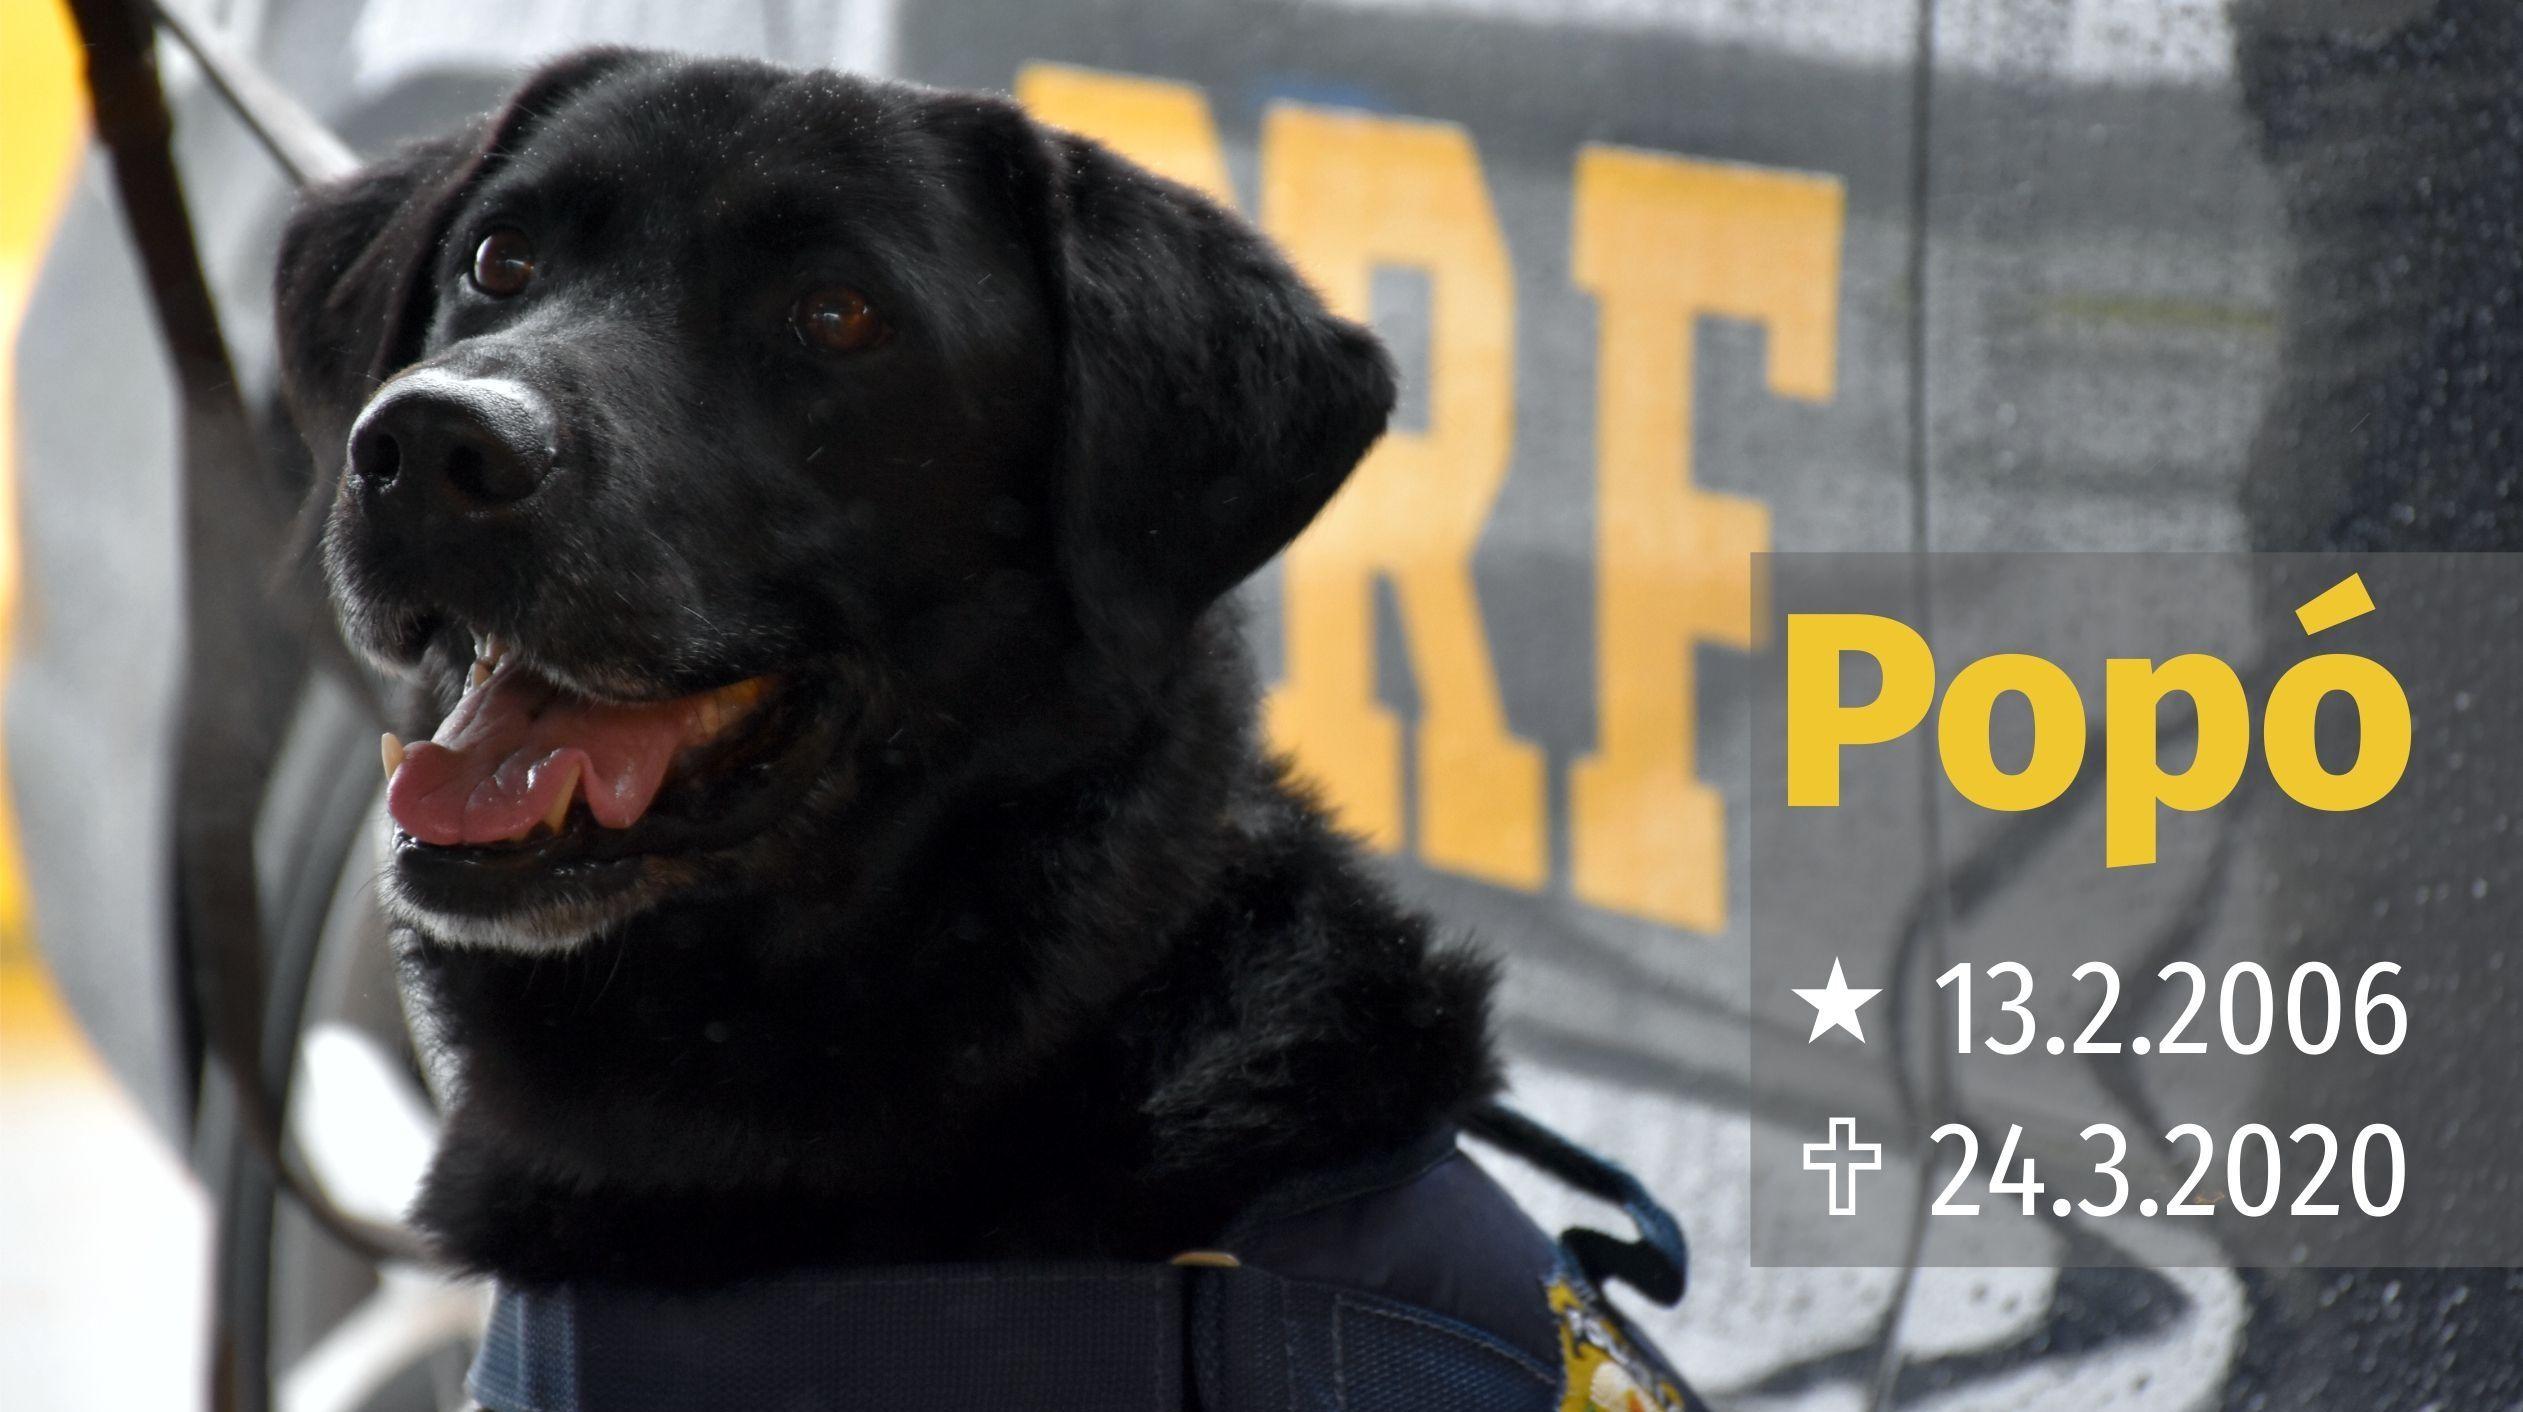 Cão Popó, aposentado, que participou da maior apreensão de drogas da PRF morre aos 14 anos de idade